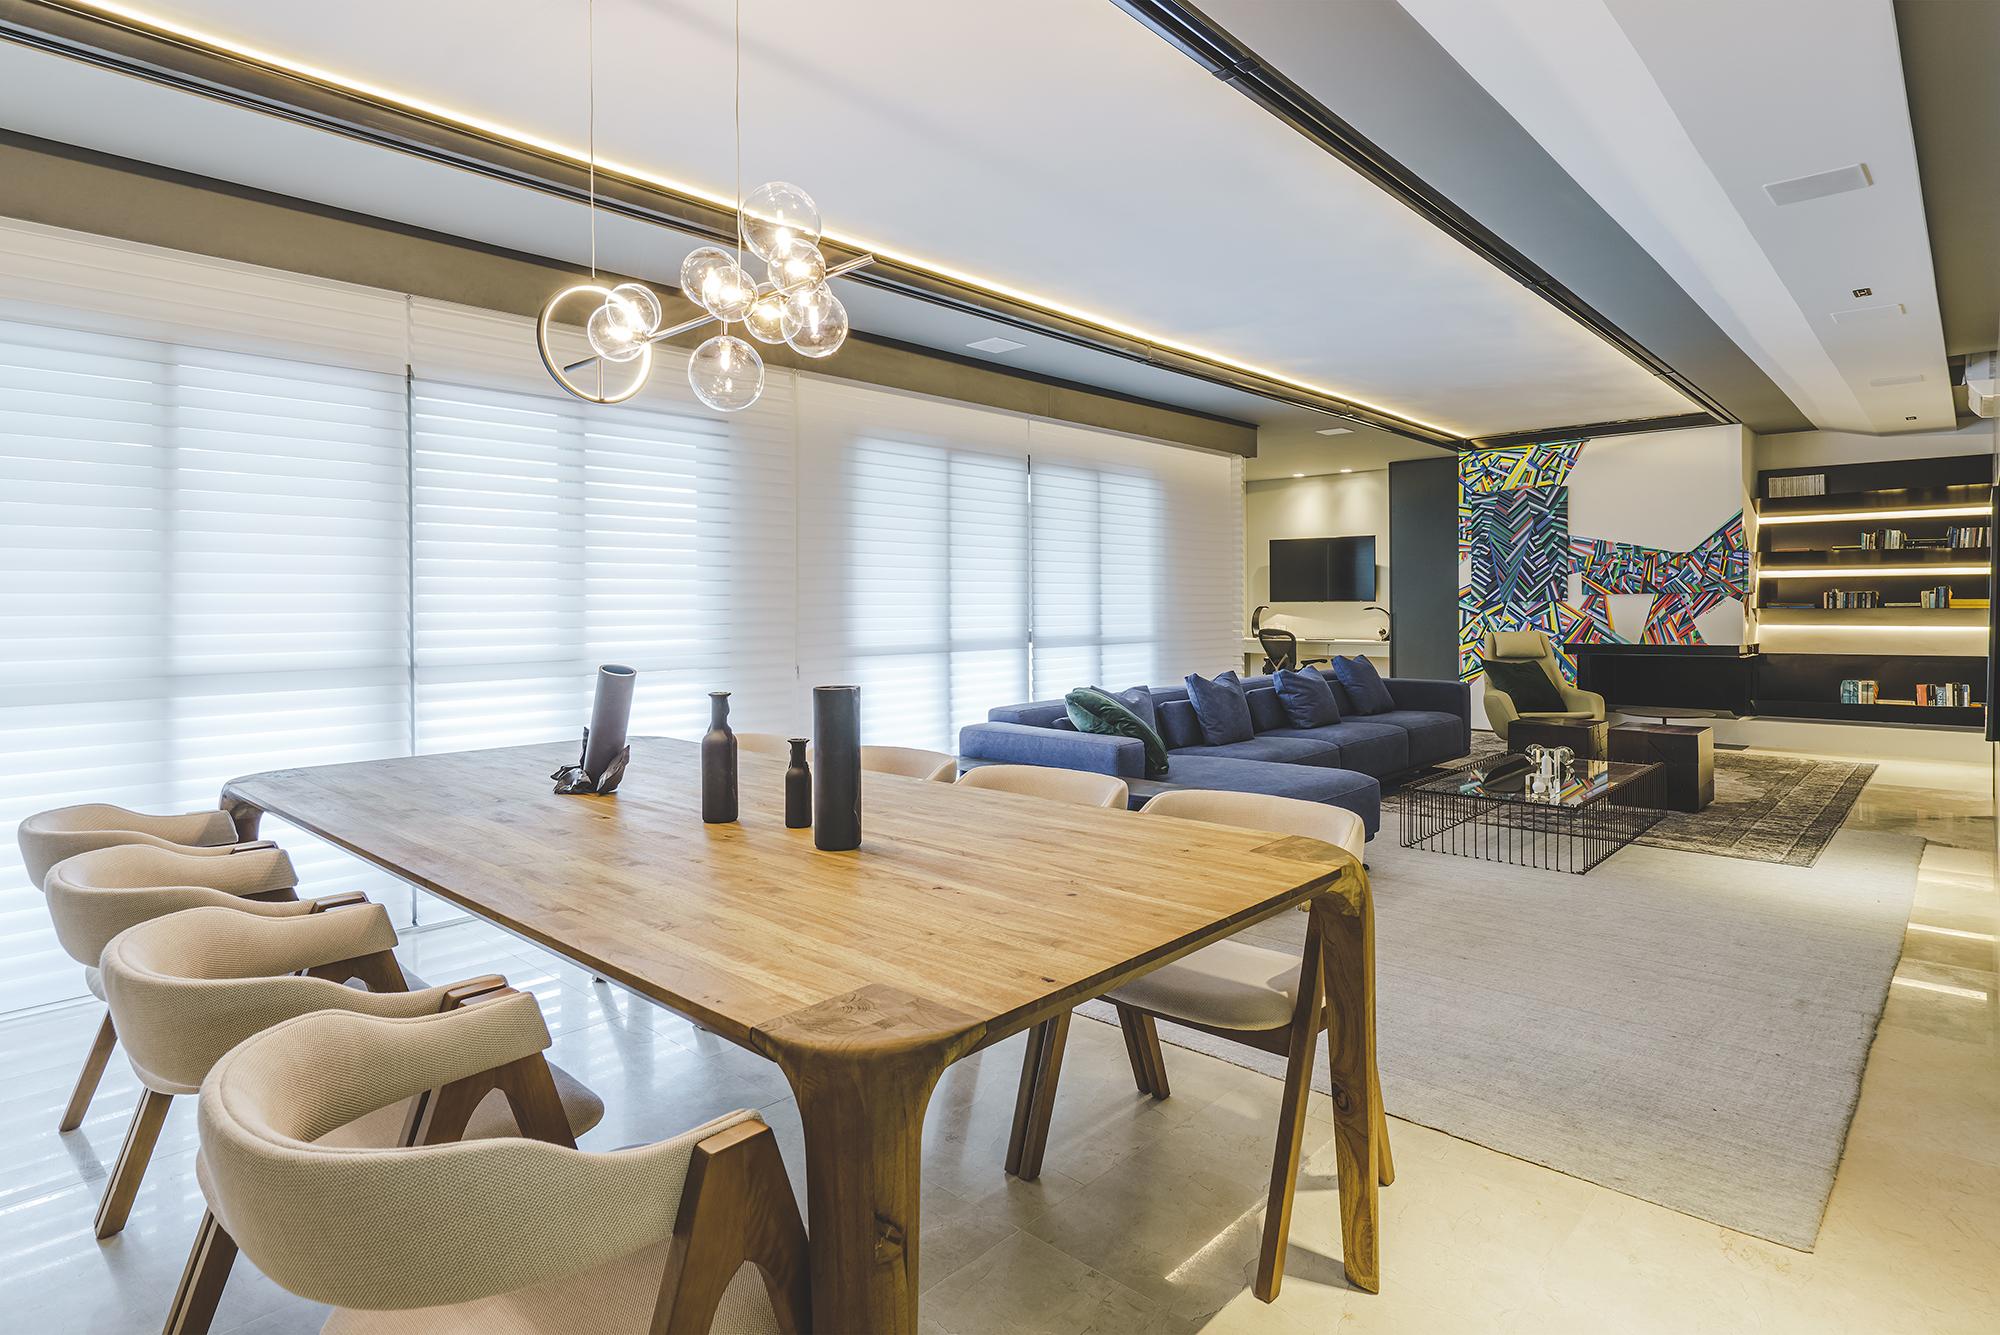 Detalhe de residência em Curitiba, com 197 m², projetada por Naiara Ceccon. A arquiteta utilizou de camadas de cinza no teto para enfatizar o plano da lareira.